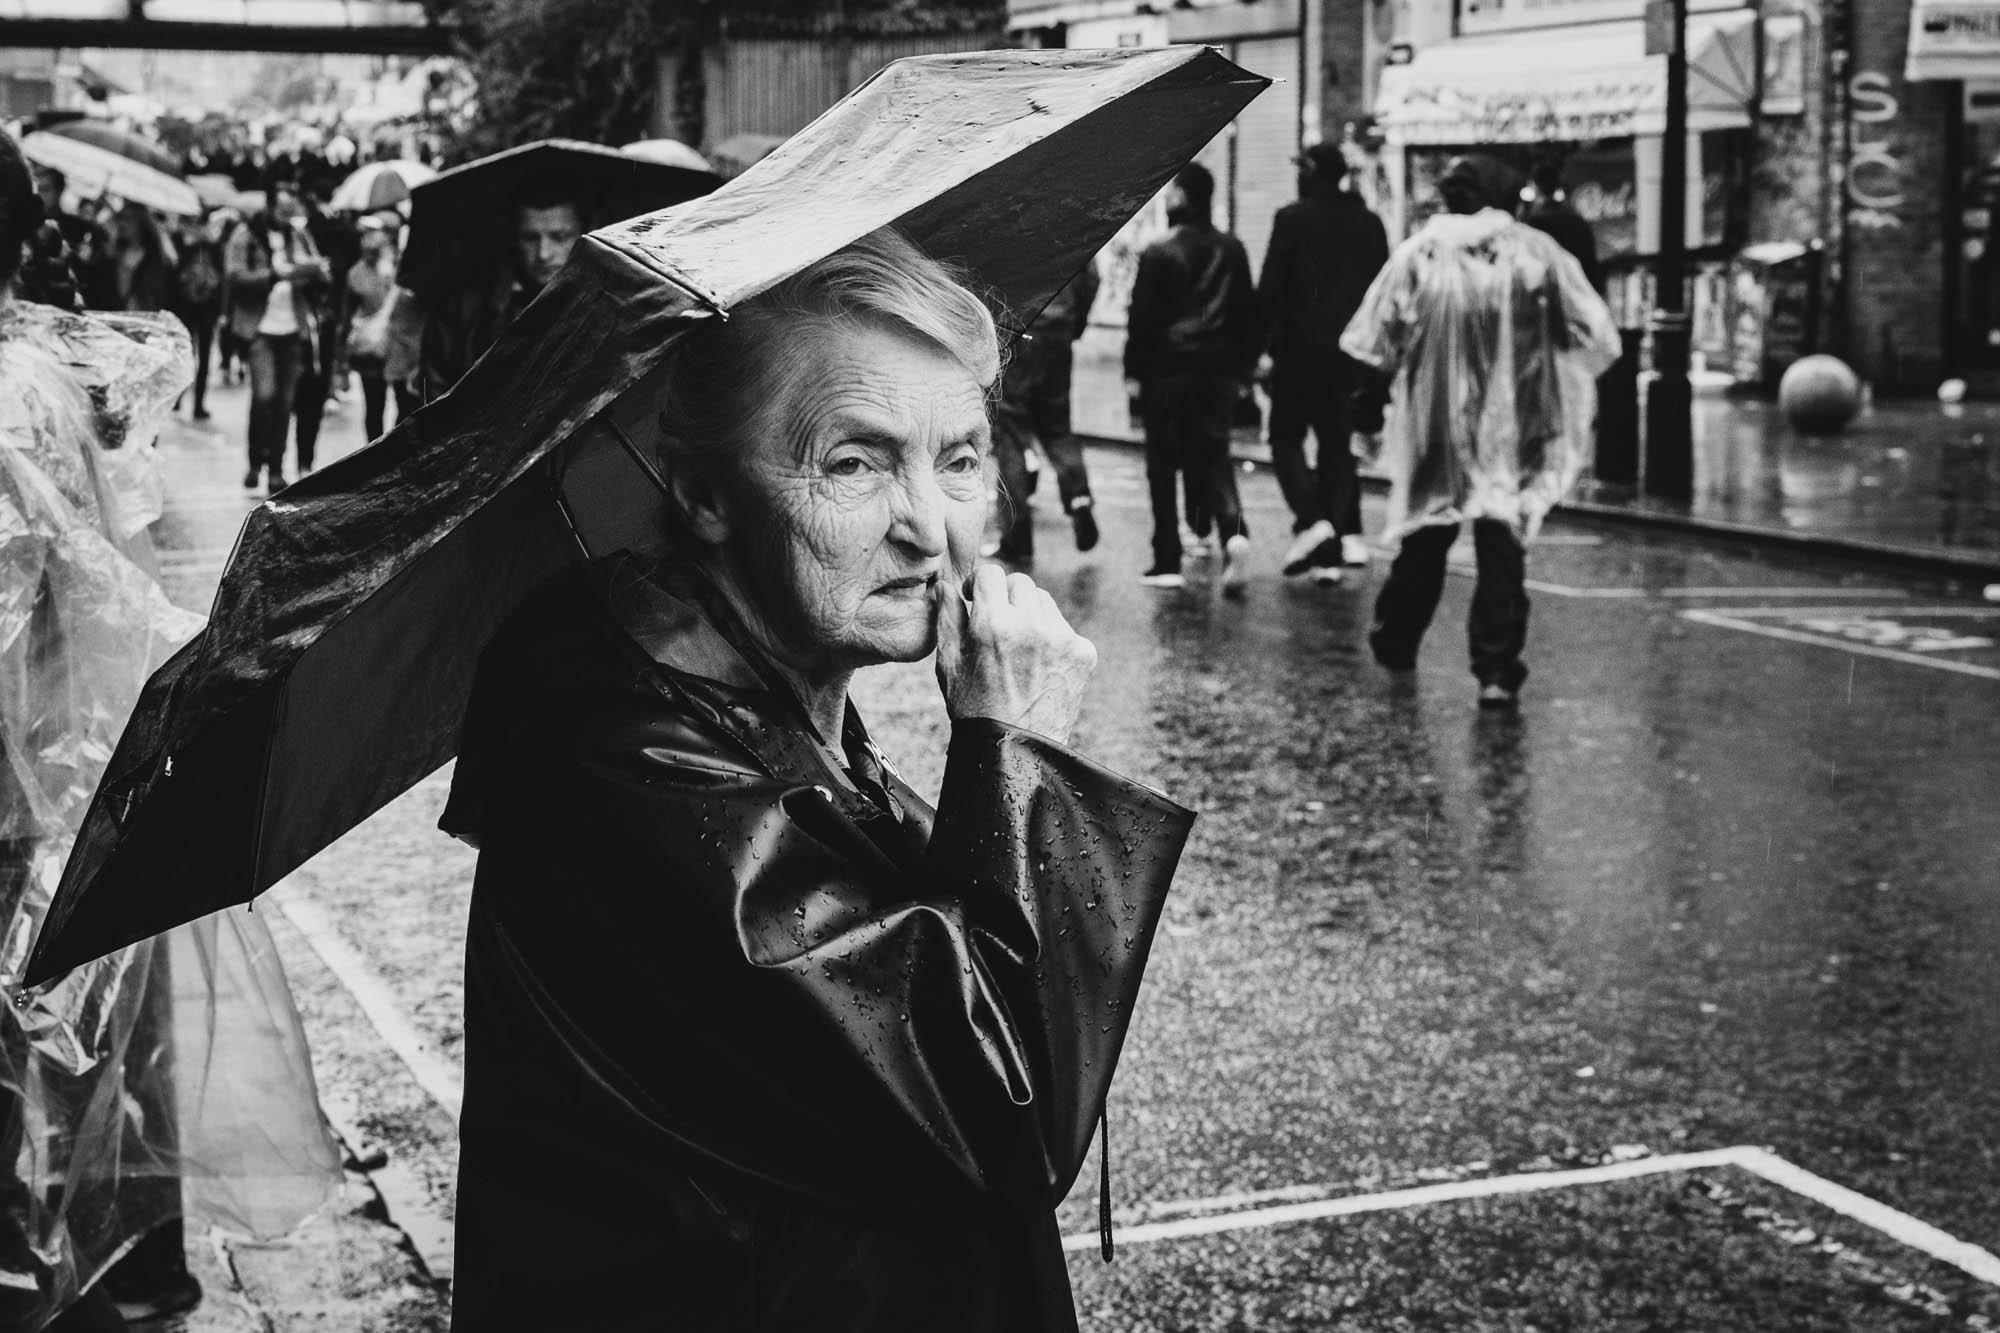 A lady at Portobello Market, London, in black and white